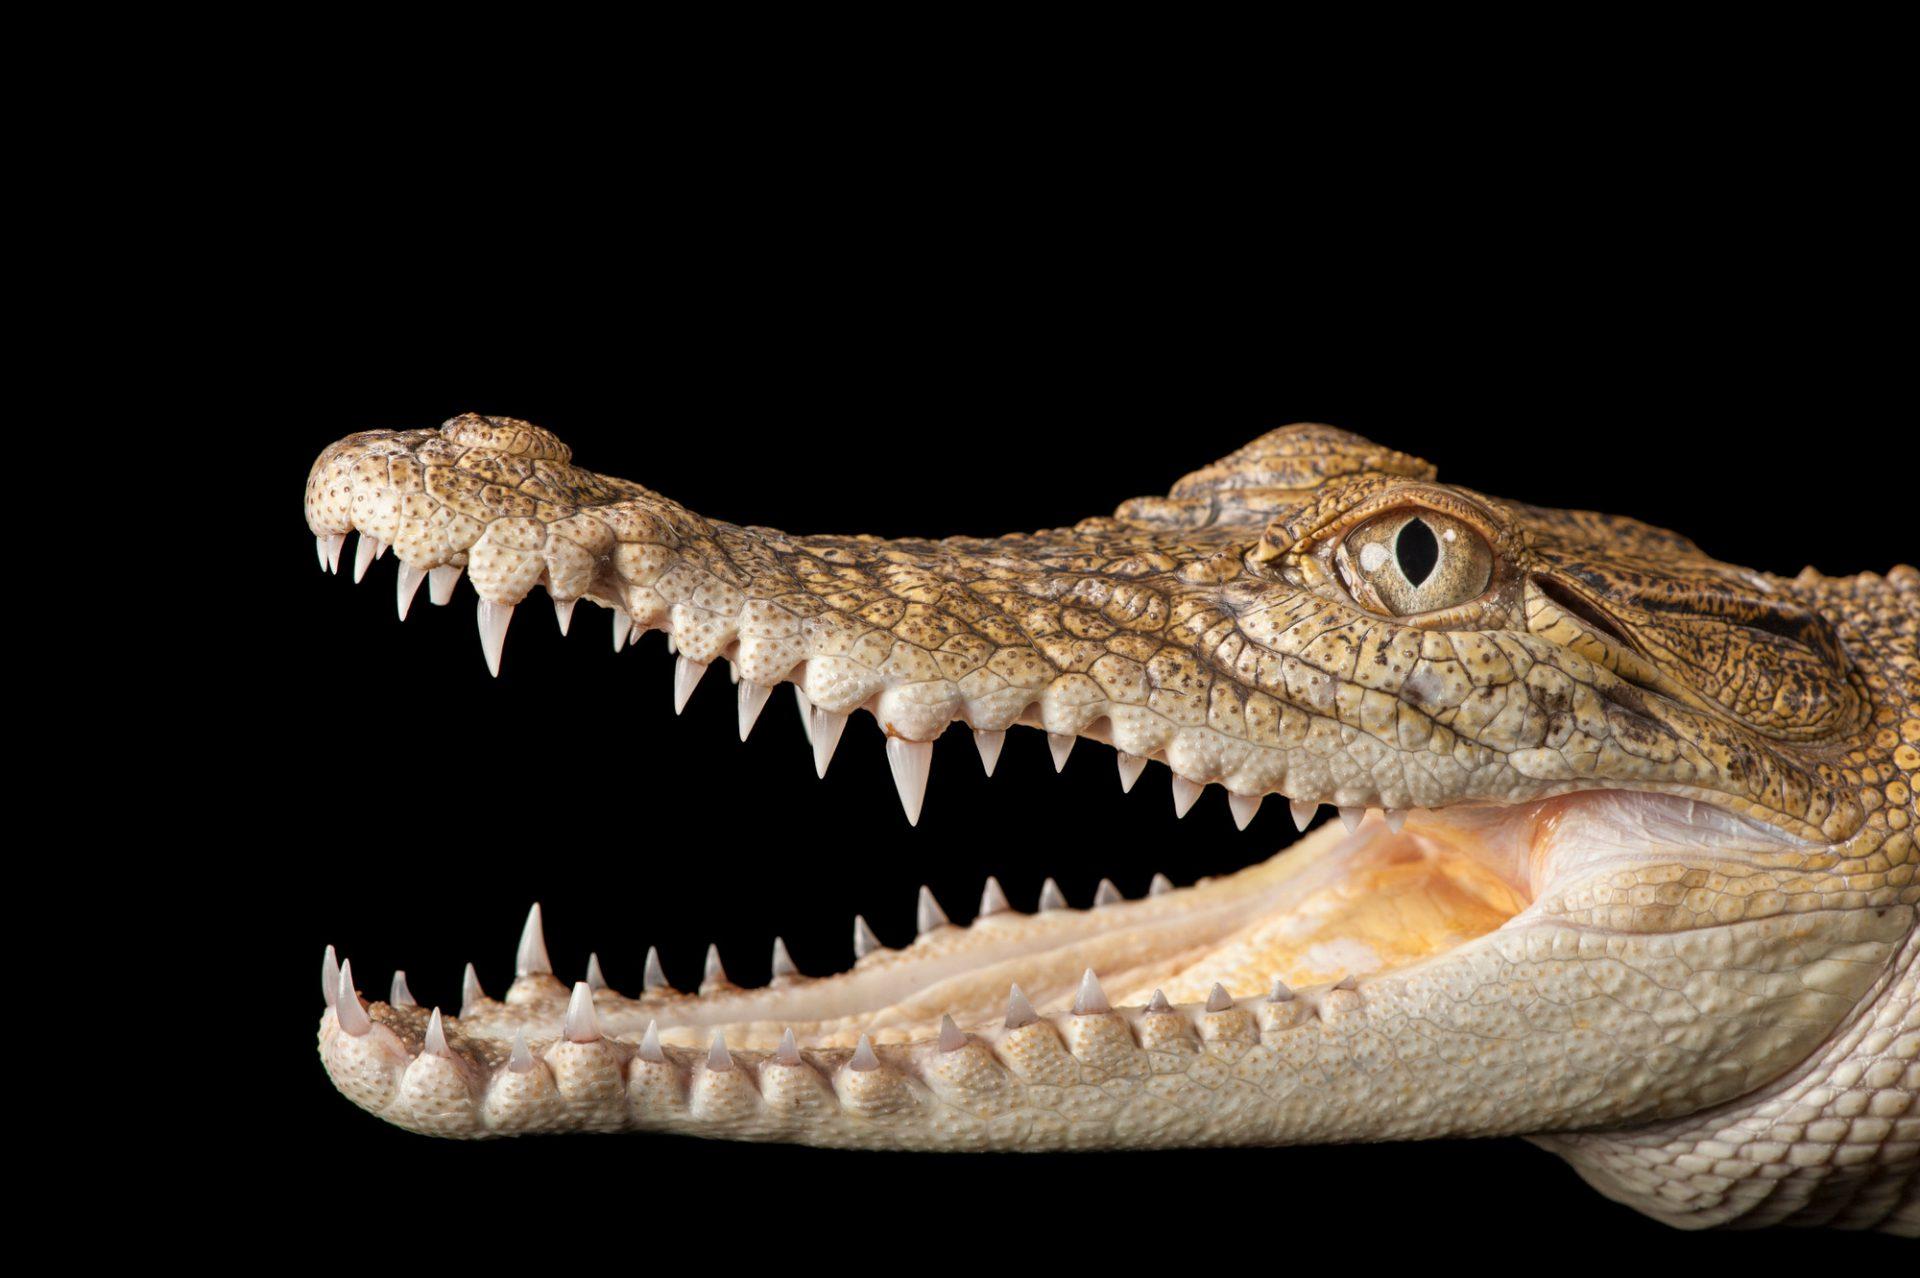 A saltwater crocodile (Crocodylus porosus) at Dreamworld.